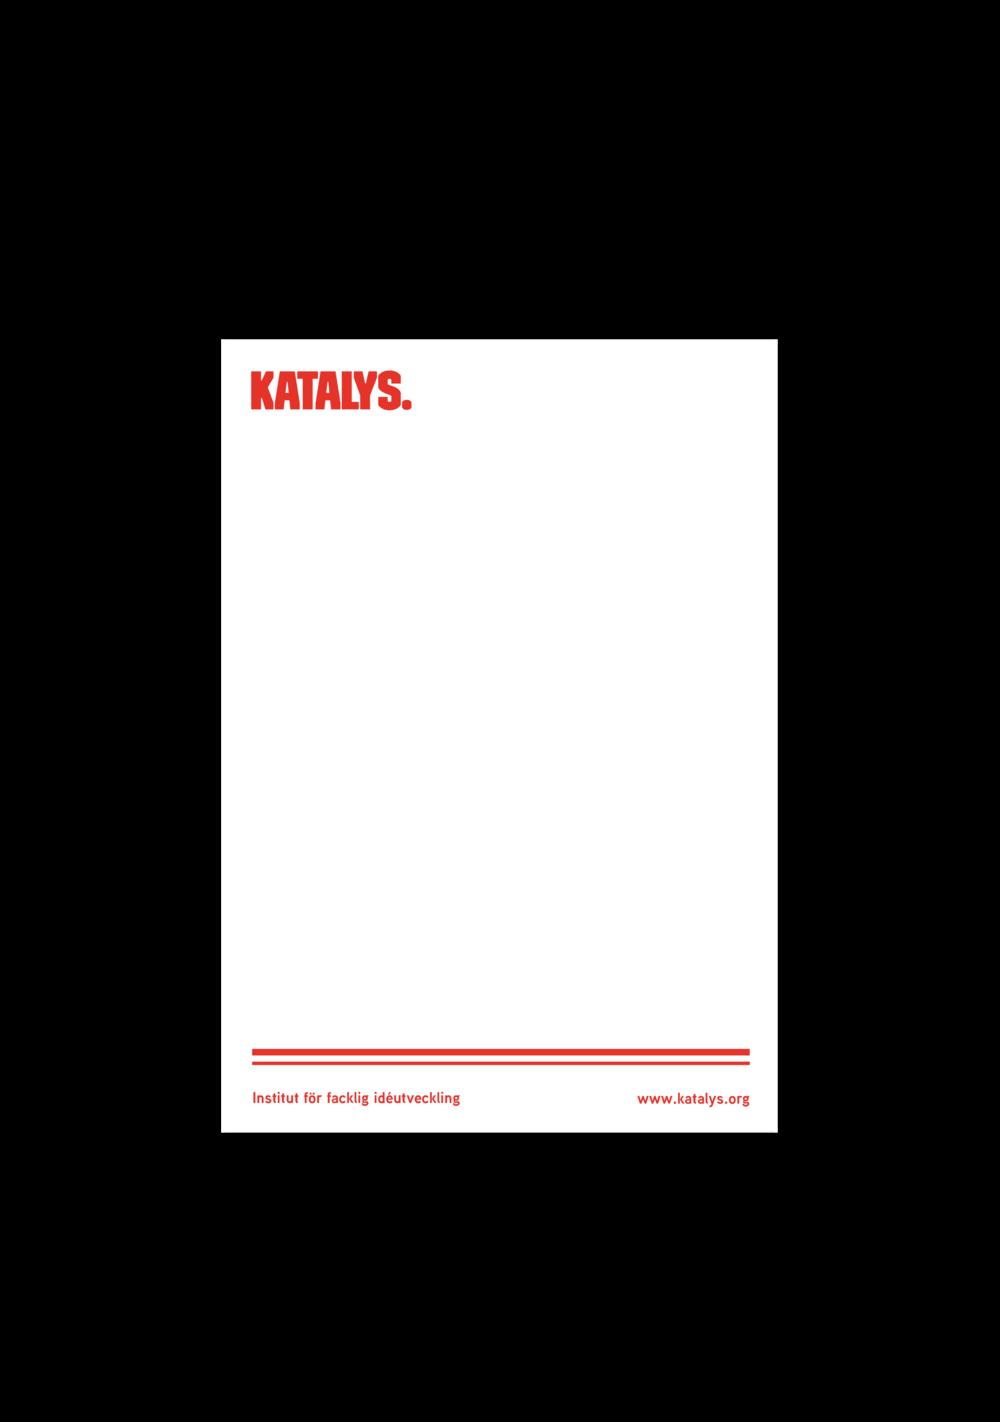 katalys-original - 212.png